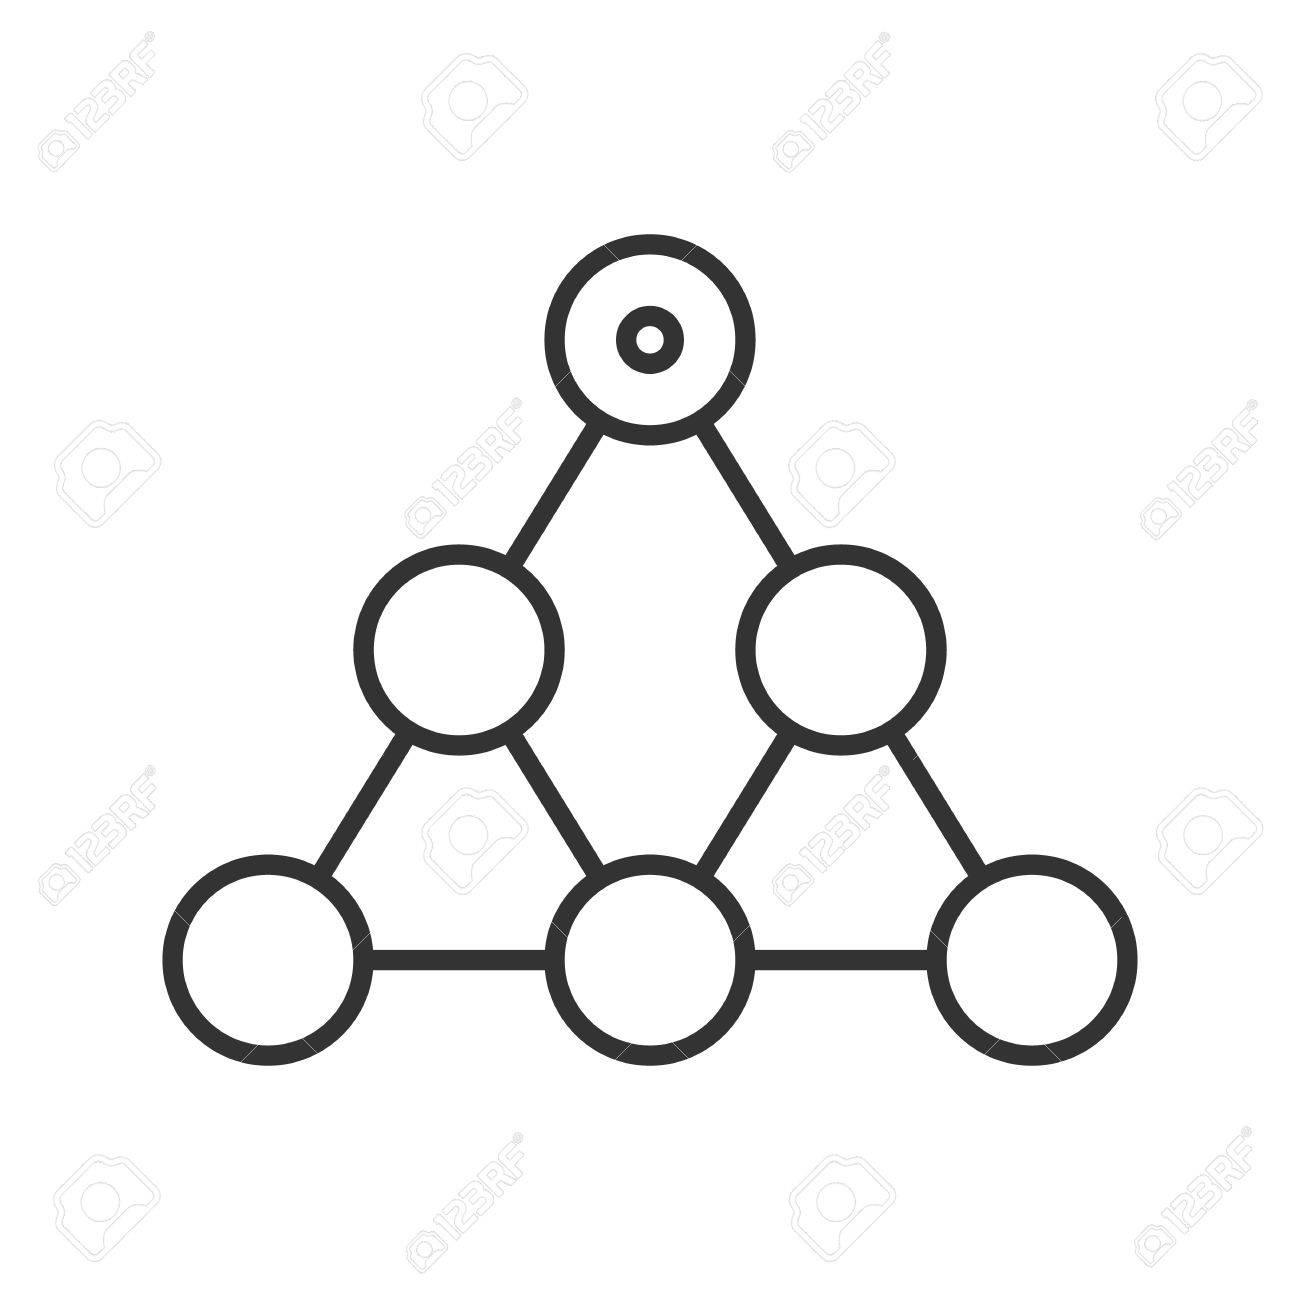 Icono Lineal De Jerarquía Ilustración De Línea Delgada Team Building Y El Concepto De Estructura Símbolo De Contorno Dibujo De Contorno Aislado Del